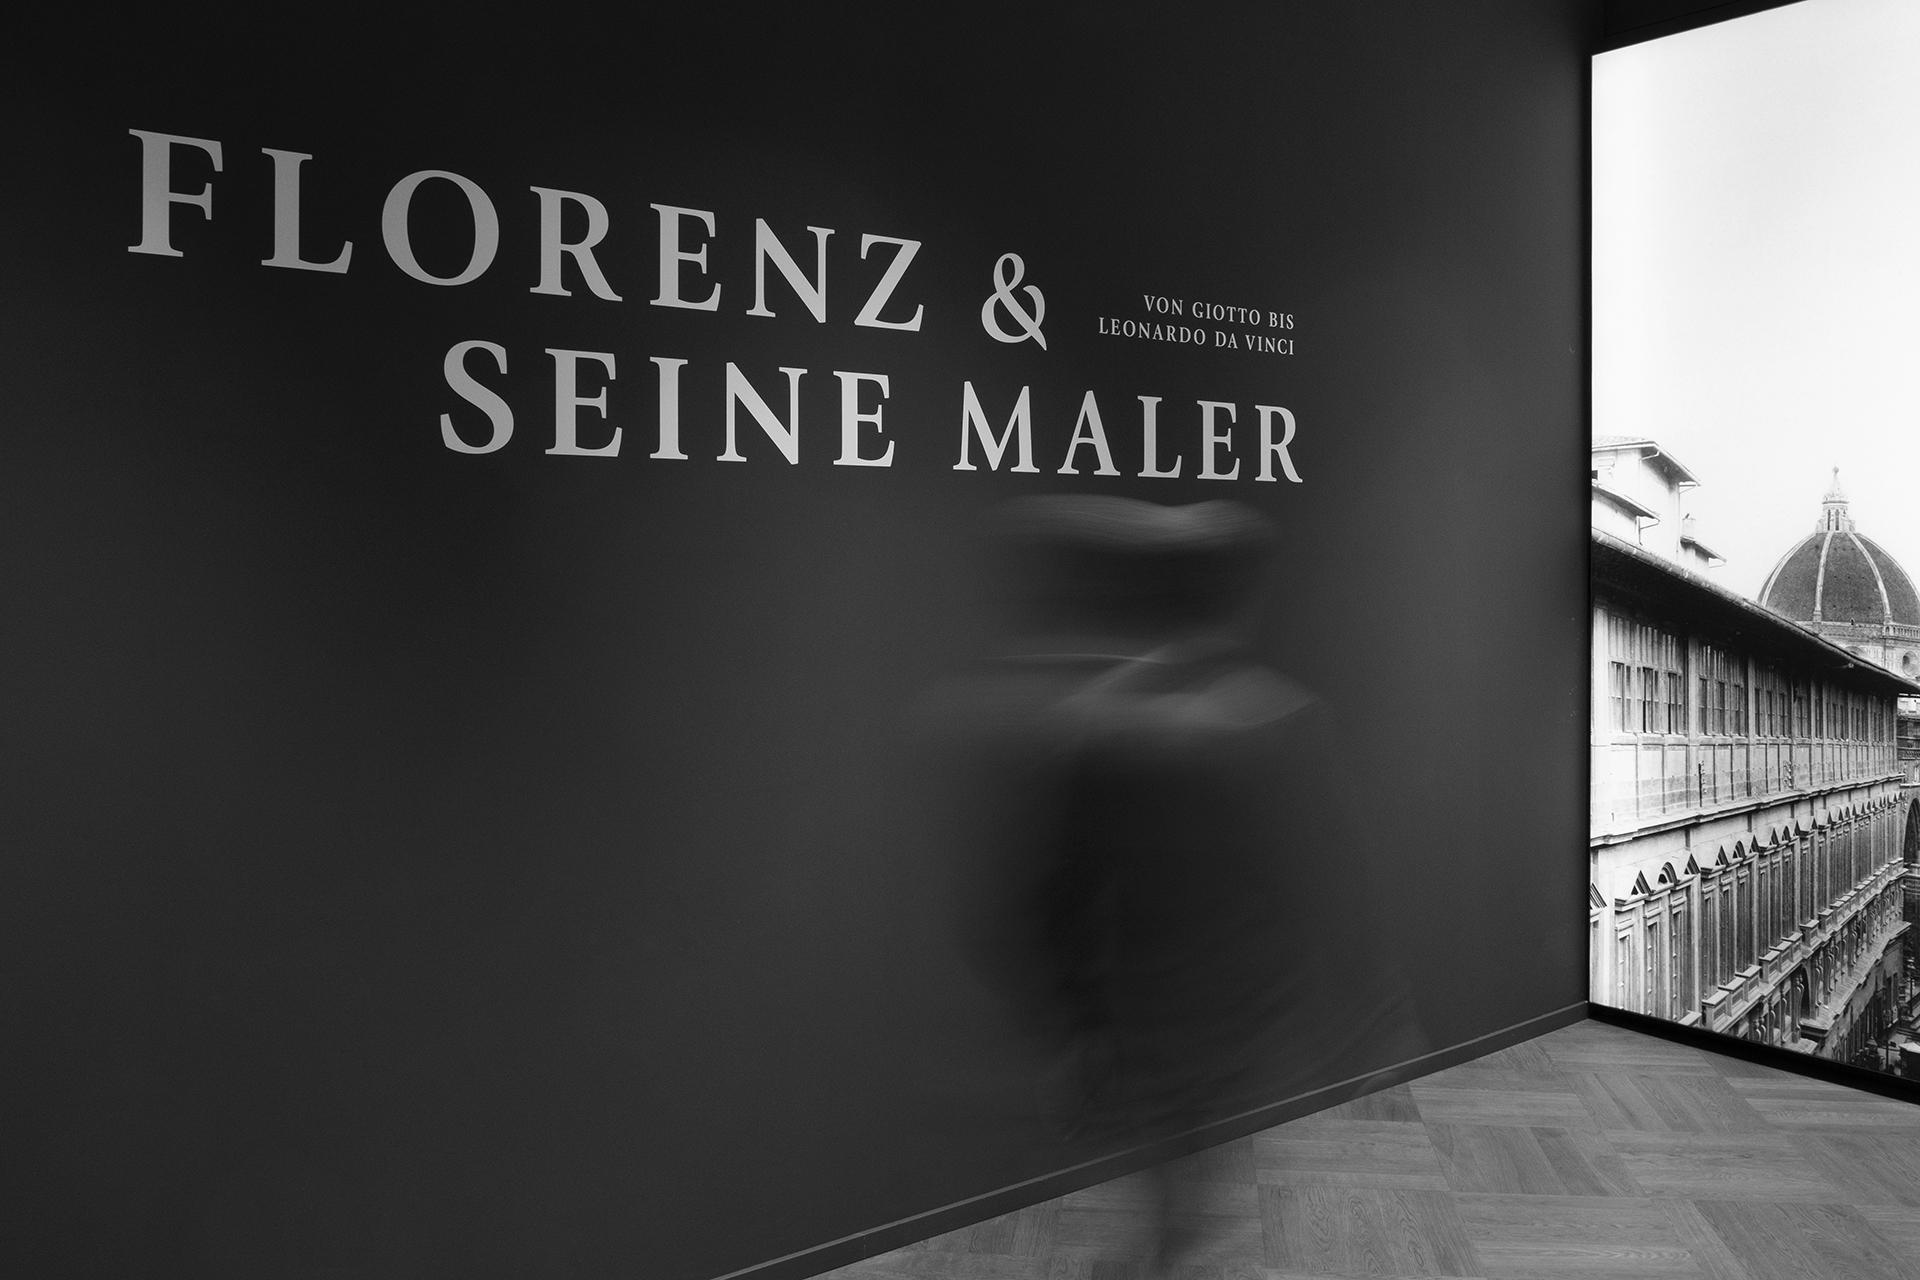 SSW_Florenz und seine Maler_01